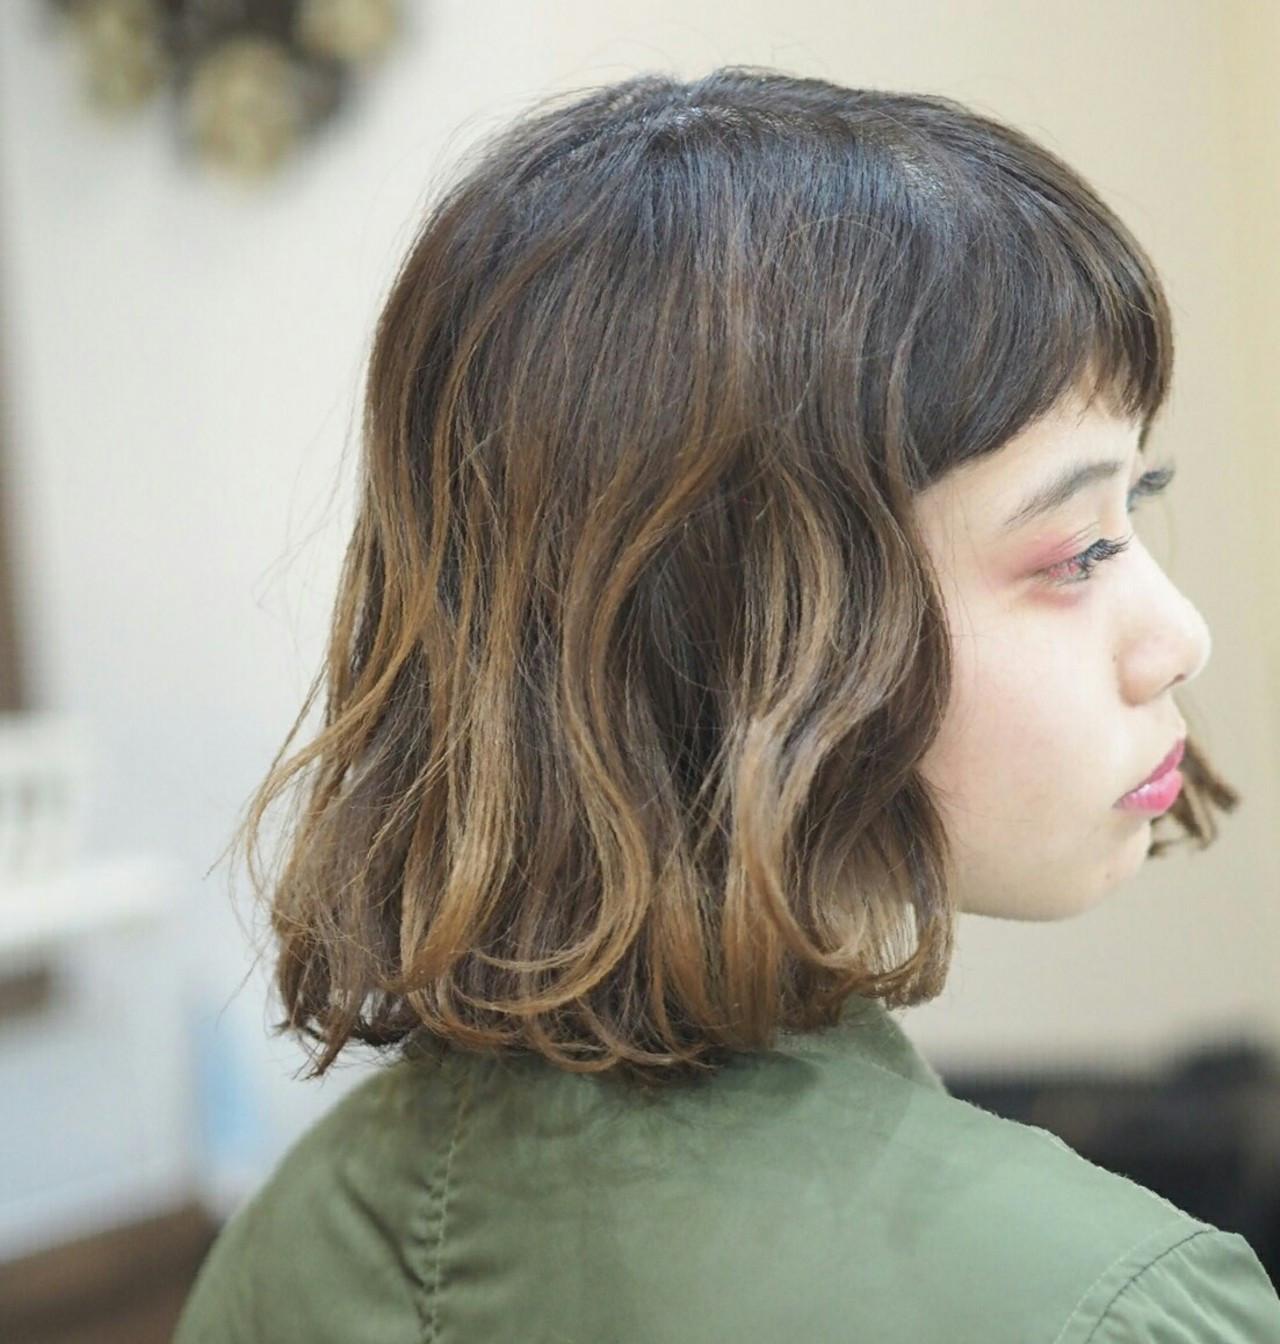 ハイライト 女子会 ショート ガーリー ヘアスタイルや髪型の写真・画像